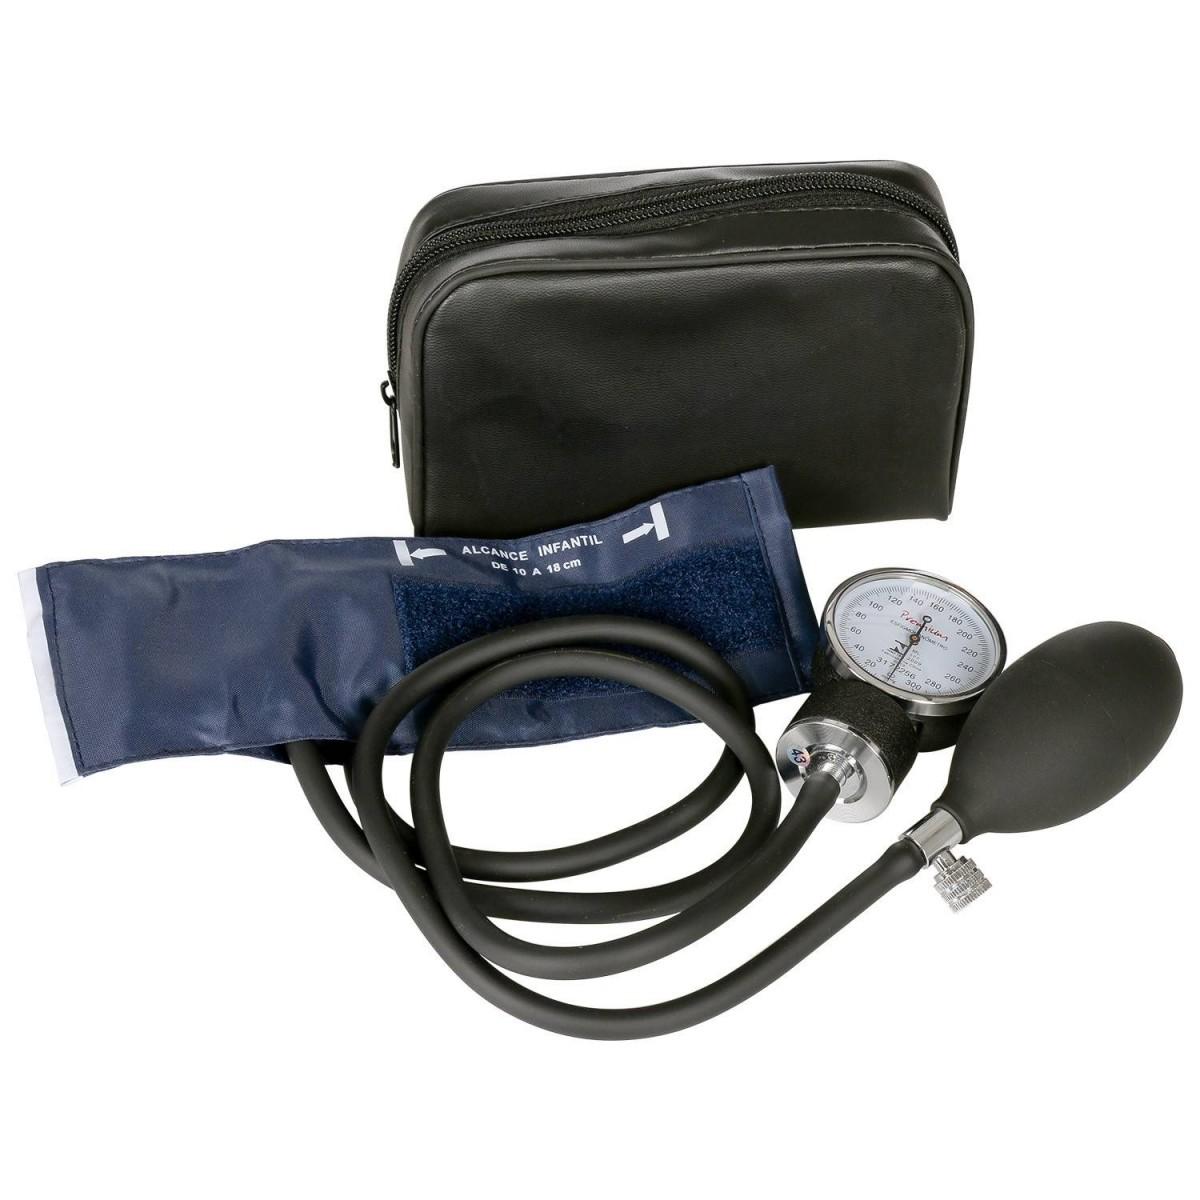 Aparelho de Pressão Esfigmomanômetro Infantil Nylon Velcro - Premium  - HB FISIOTERAPIA